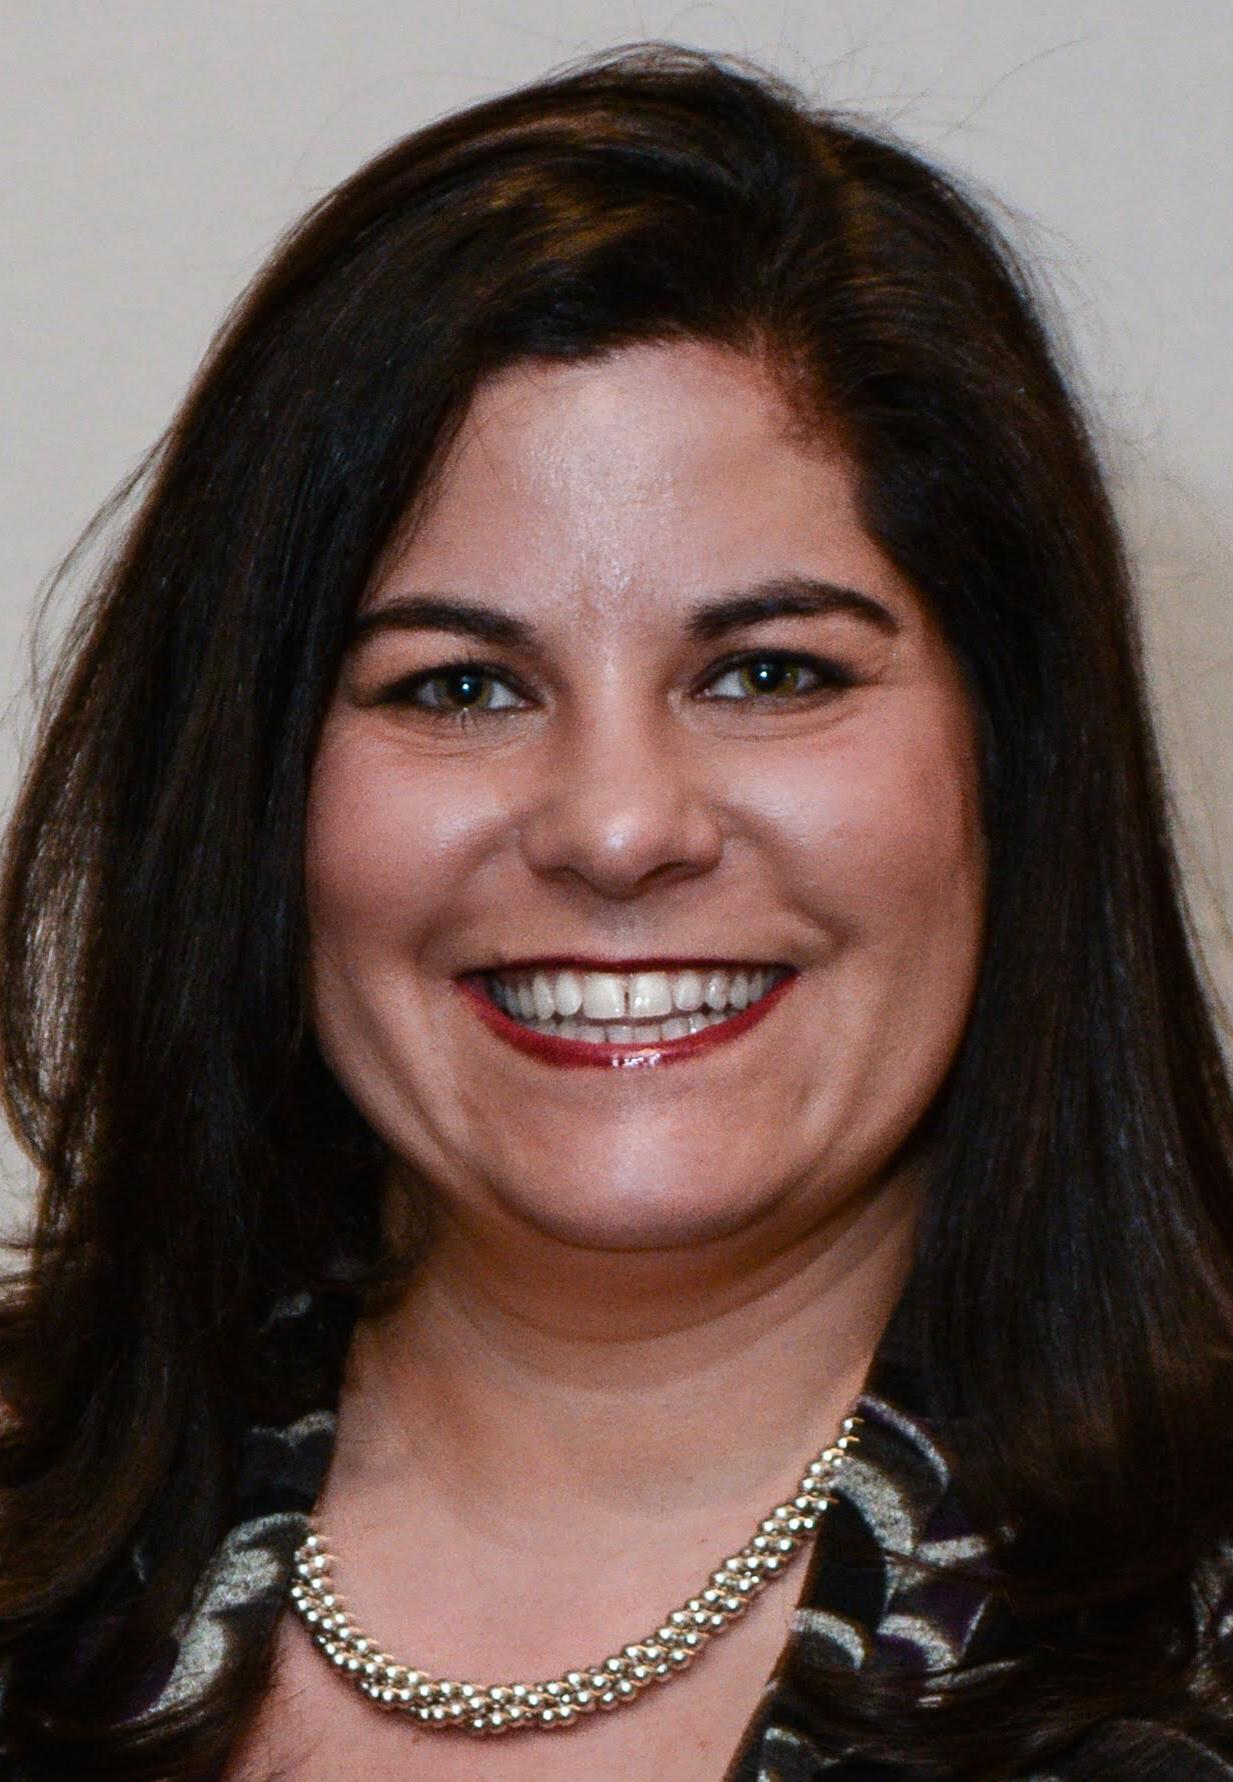 Katie Bilotta